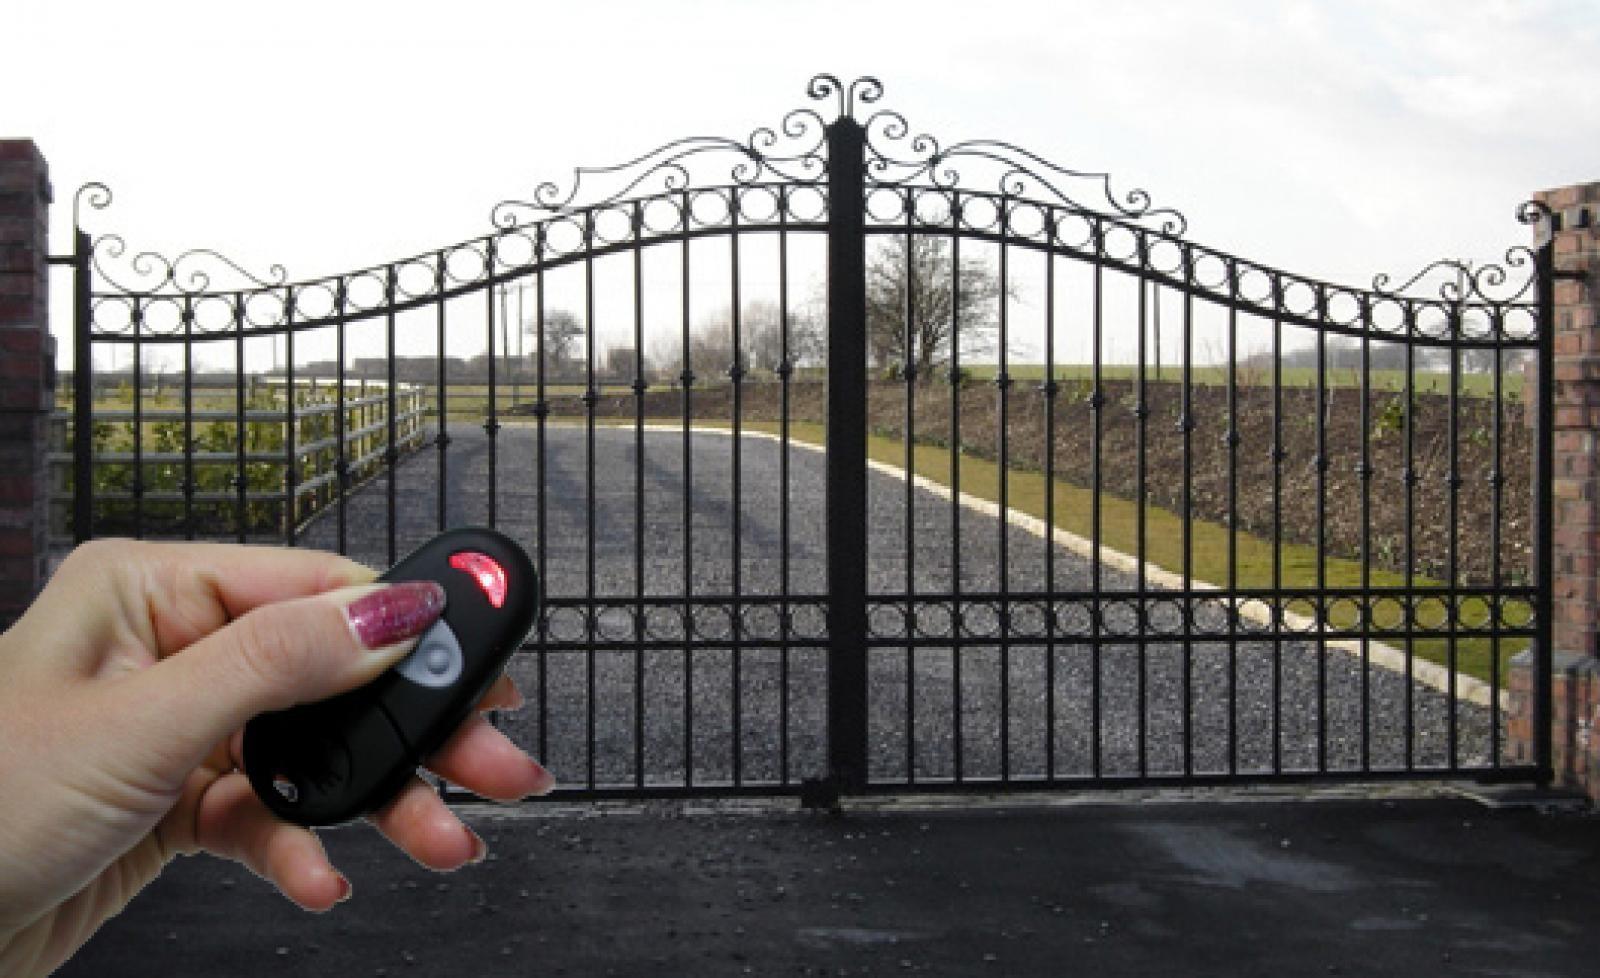 универсальный пульт для ворот и шлагбаумов Киев